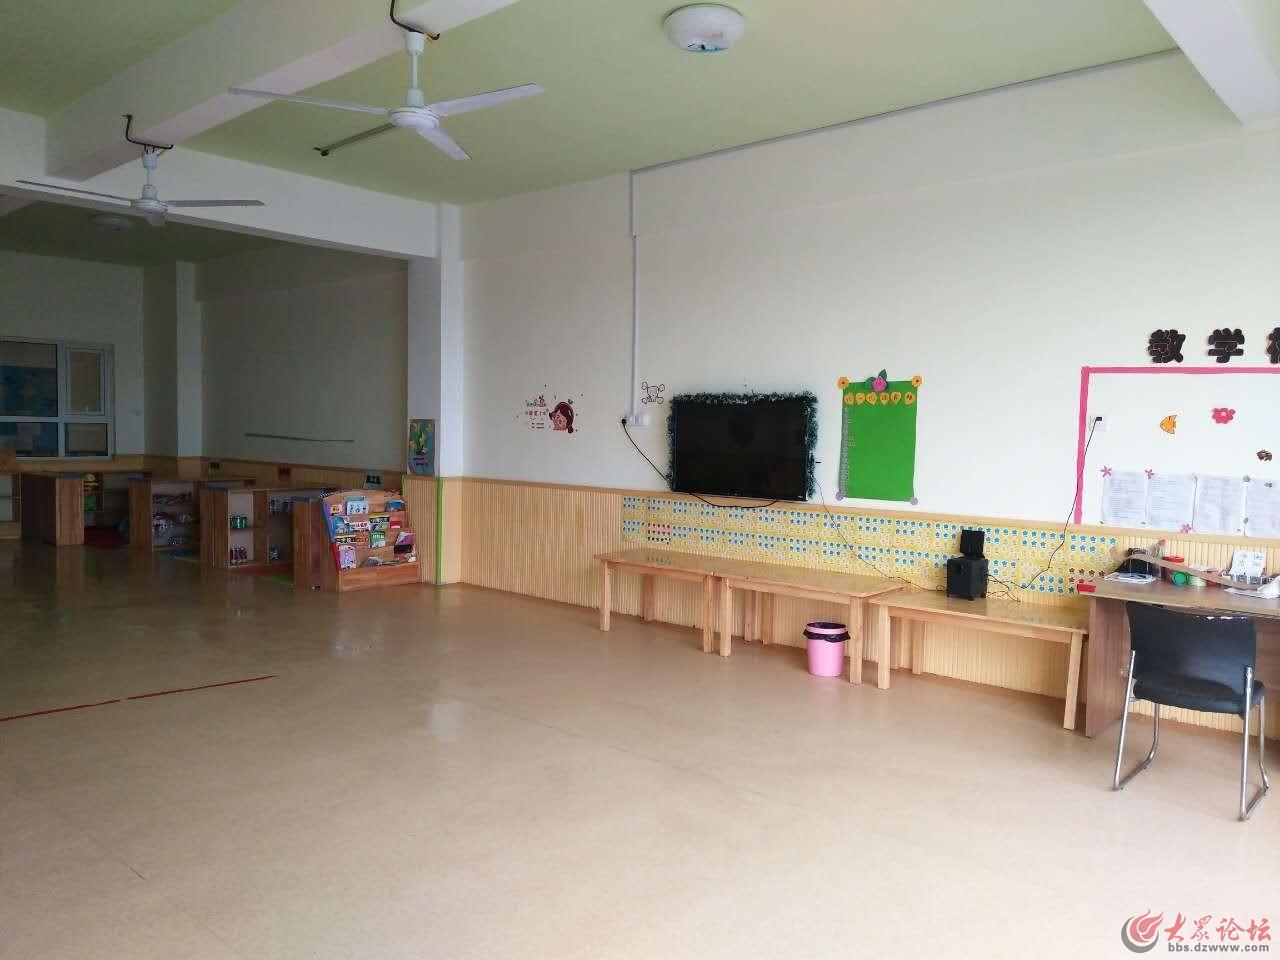 教室内环境